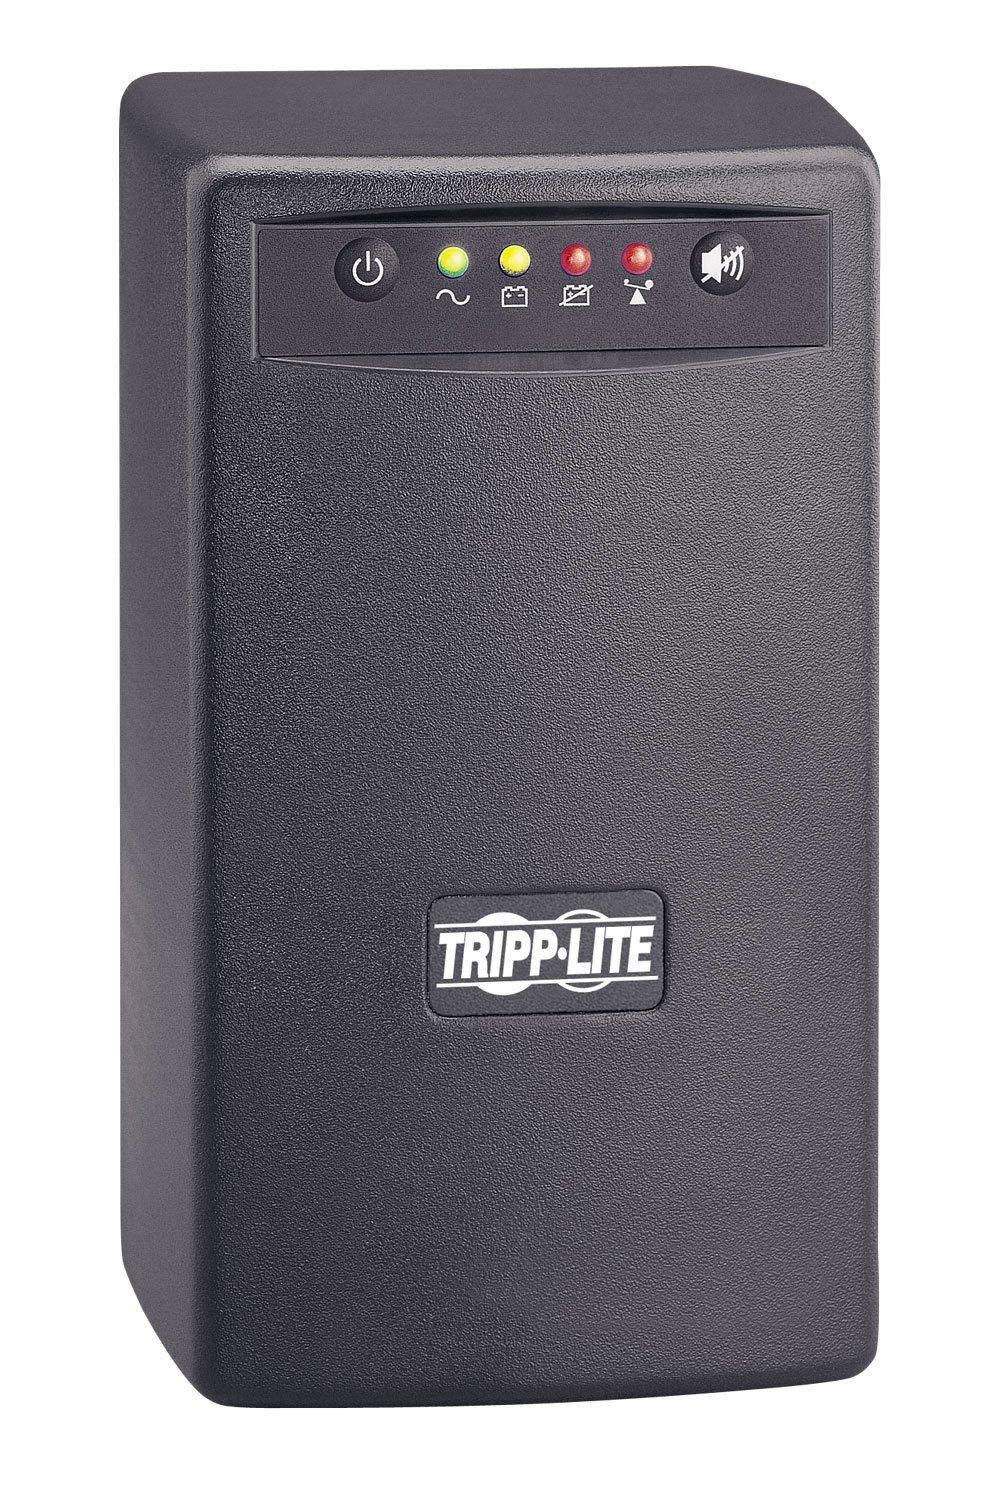 Tripp Lite SMART550USB 550VA 300W UPS Battery Back Up Tower AVR 120V USB RJ11, 6 Outlets